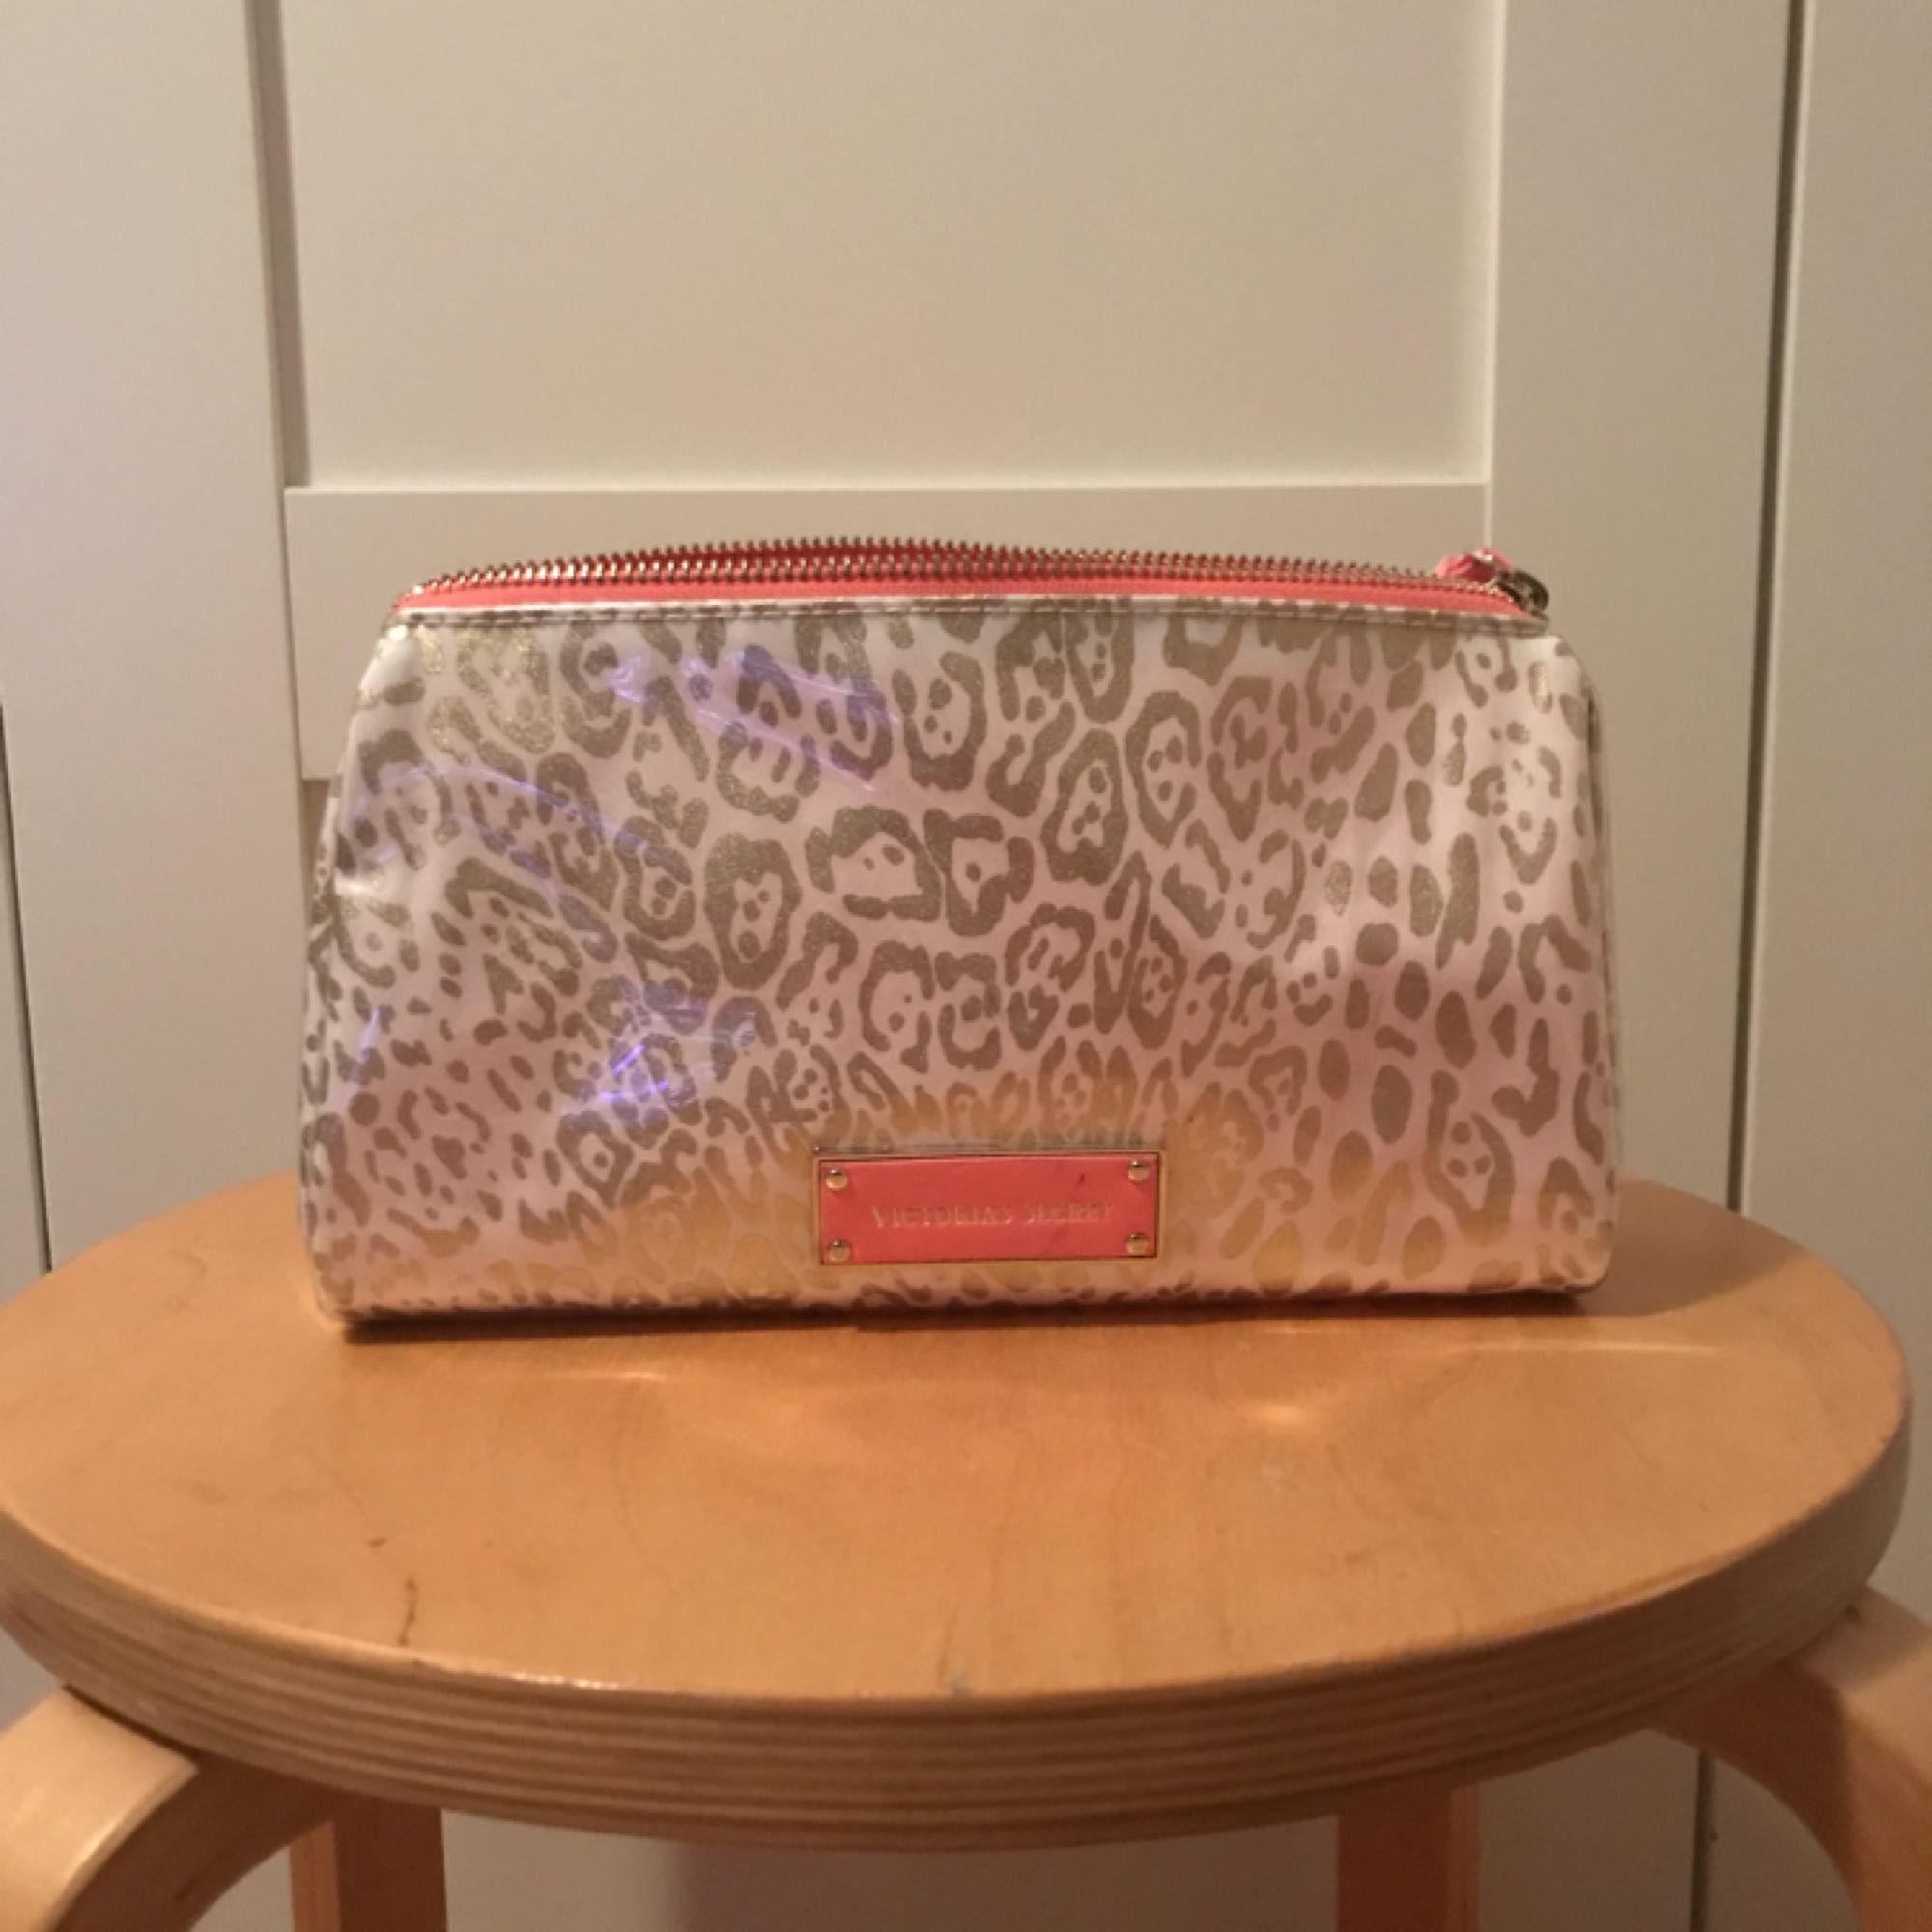 26b00e727b3 En snygg necessär från Victorias Secret med dragkedja och ett leopard  mönster i guld och rosa ...